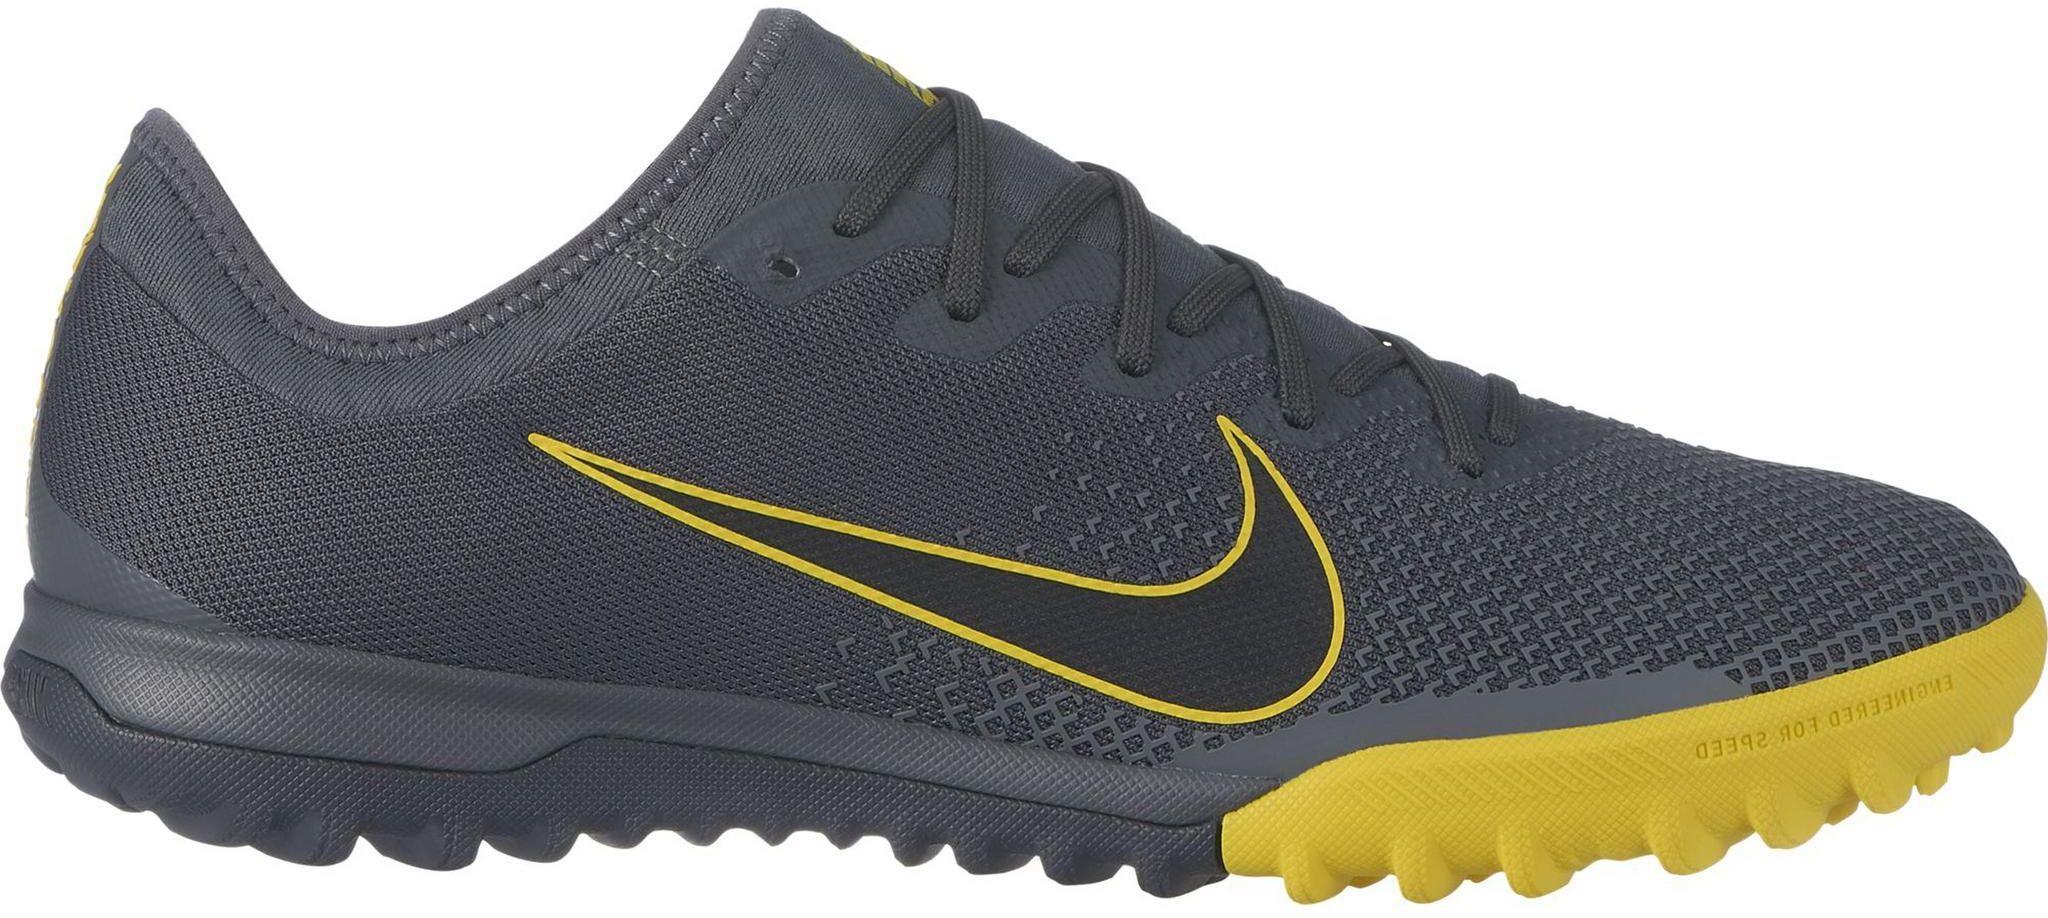 c9275631 Best pris på Nike Vapor 12 Pro TF (Herre) - Se priser før kjøp i Prisguiden